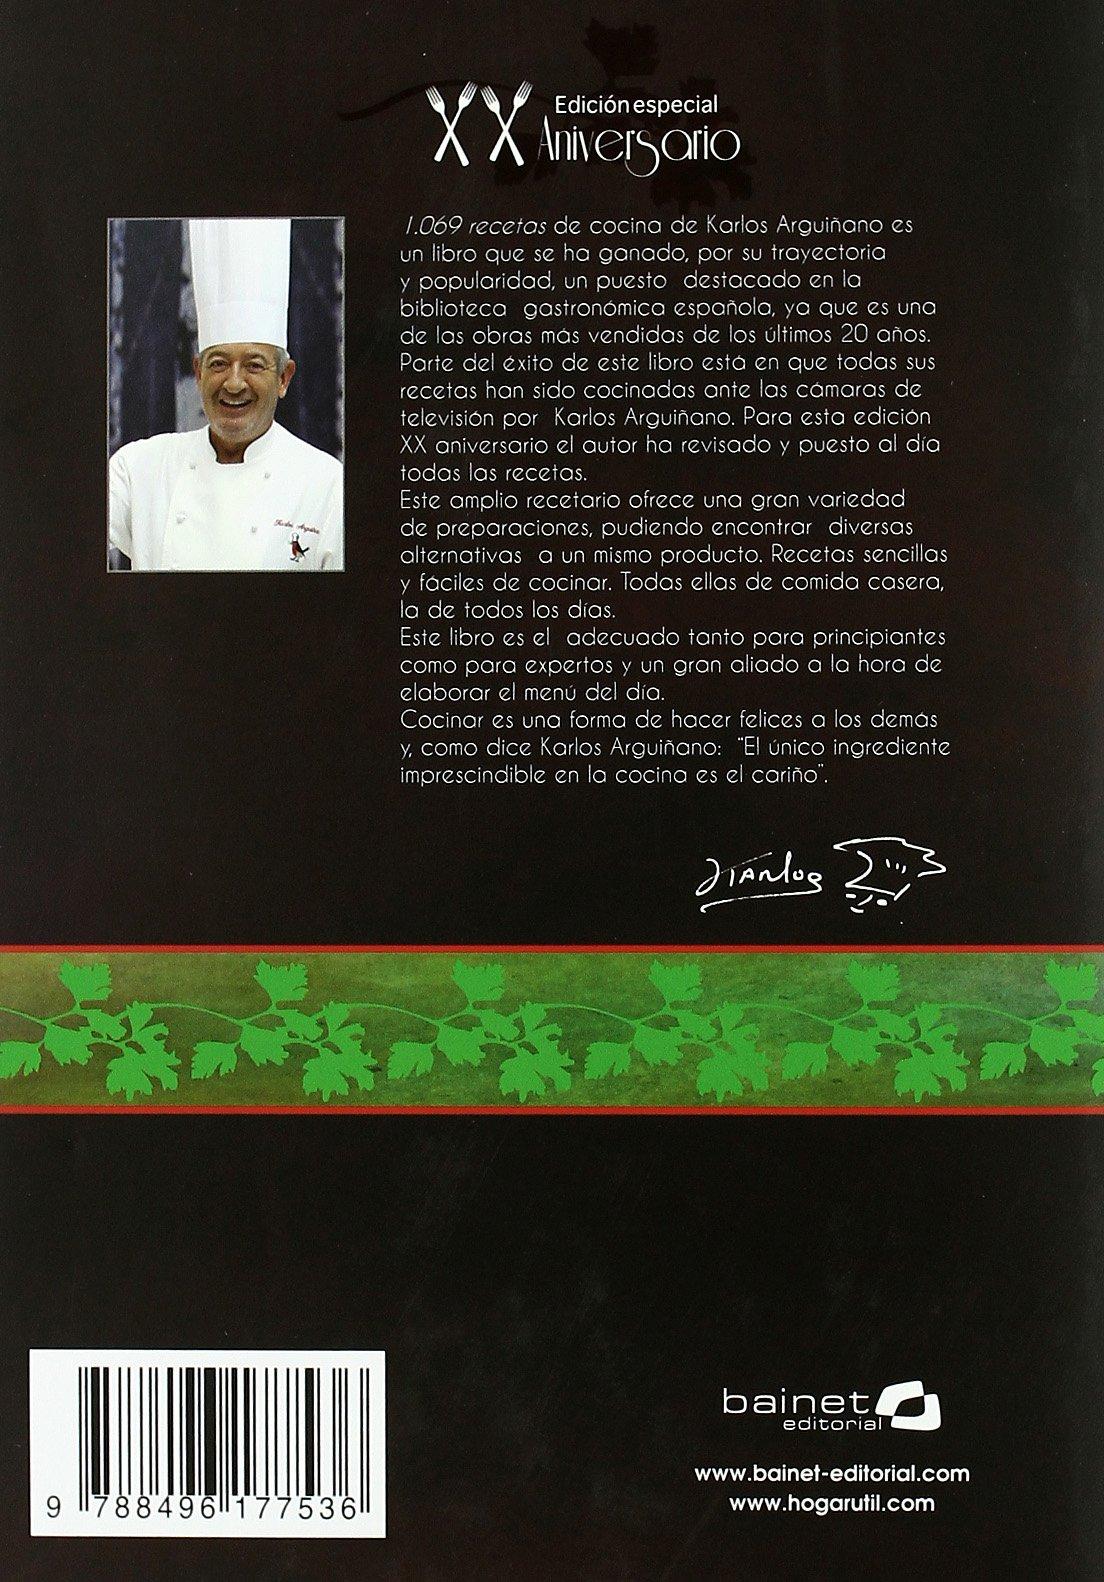 1060 recetas : edición especial XX aniversario: Amazon.co.uk: Karlos  Arguiñano: 9788496177536: Books